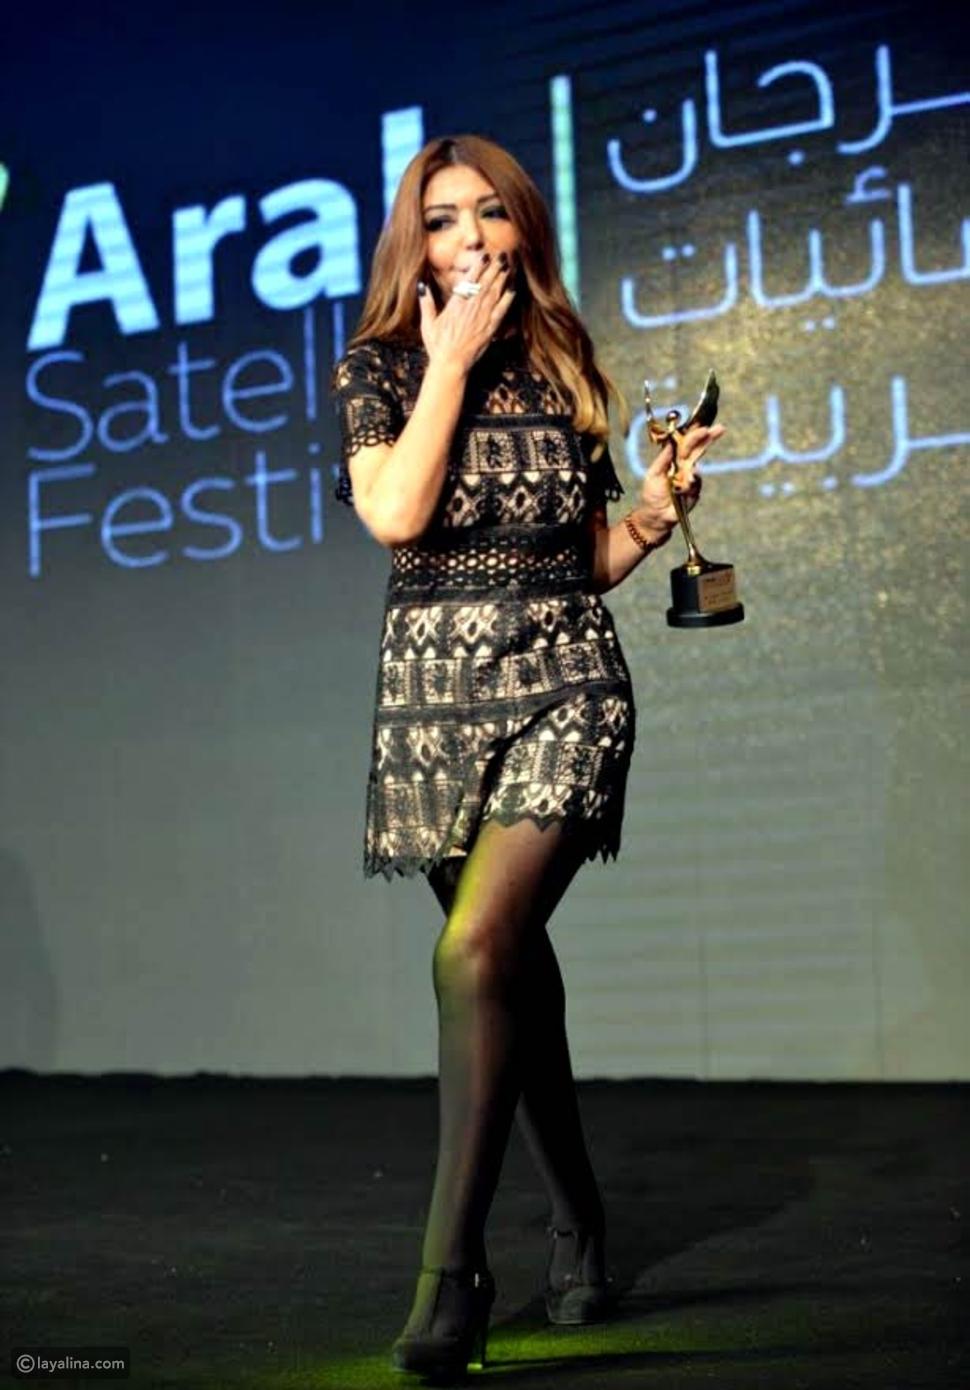 هكذا أطلت سميرة سعيد أثناء تكريمها في مهرجان الفضائيات